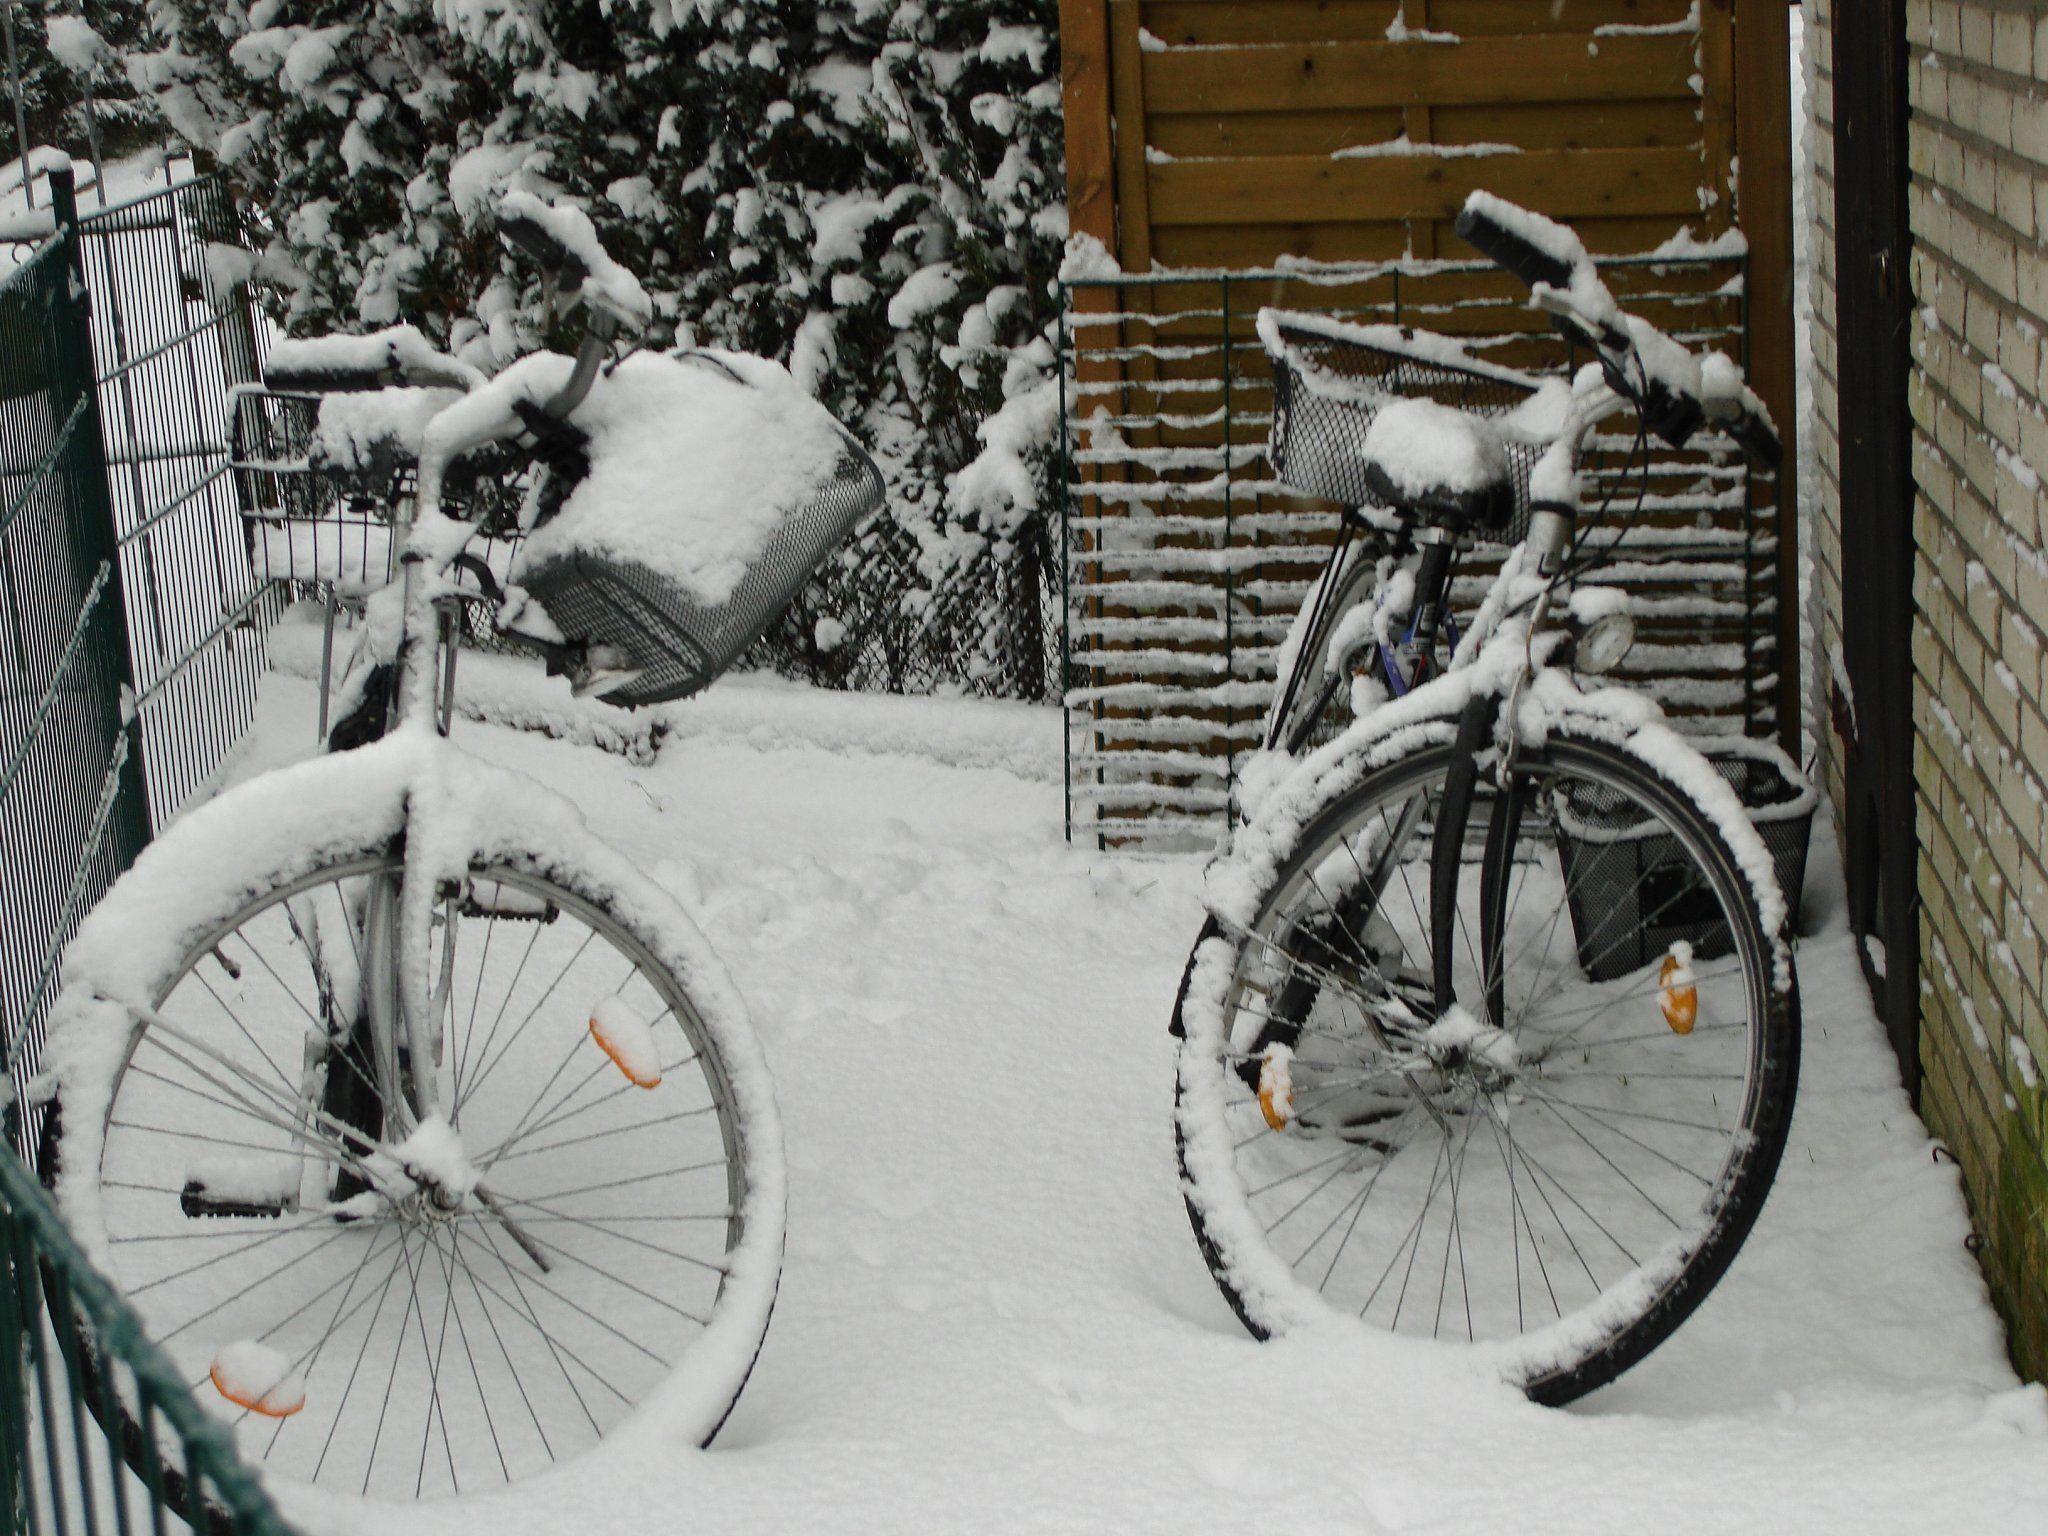 Der Schnee geht noch ab, ansonsten ist der Winter als natürlicher Feind des Radfahrers voll da